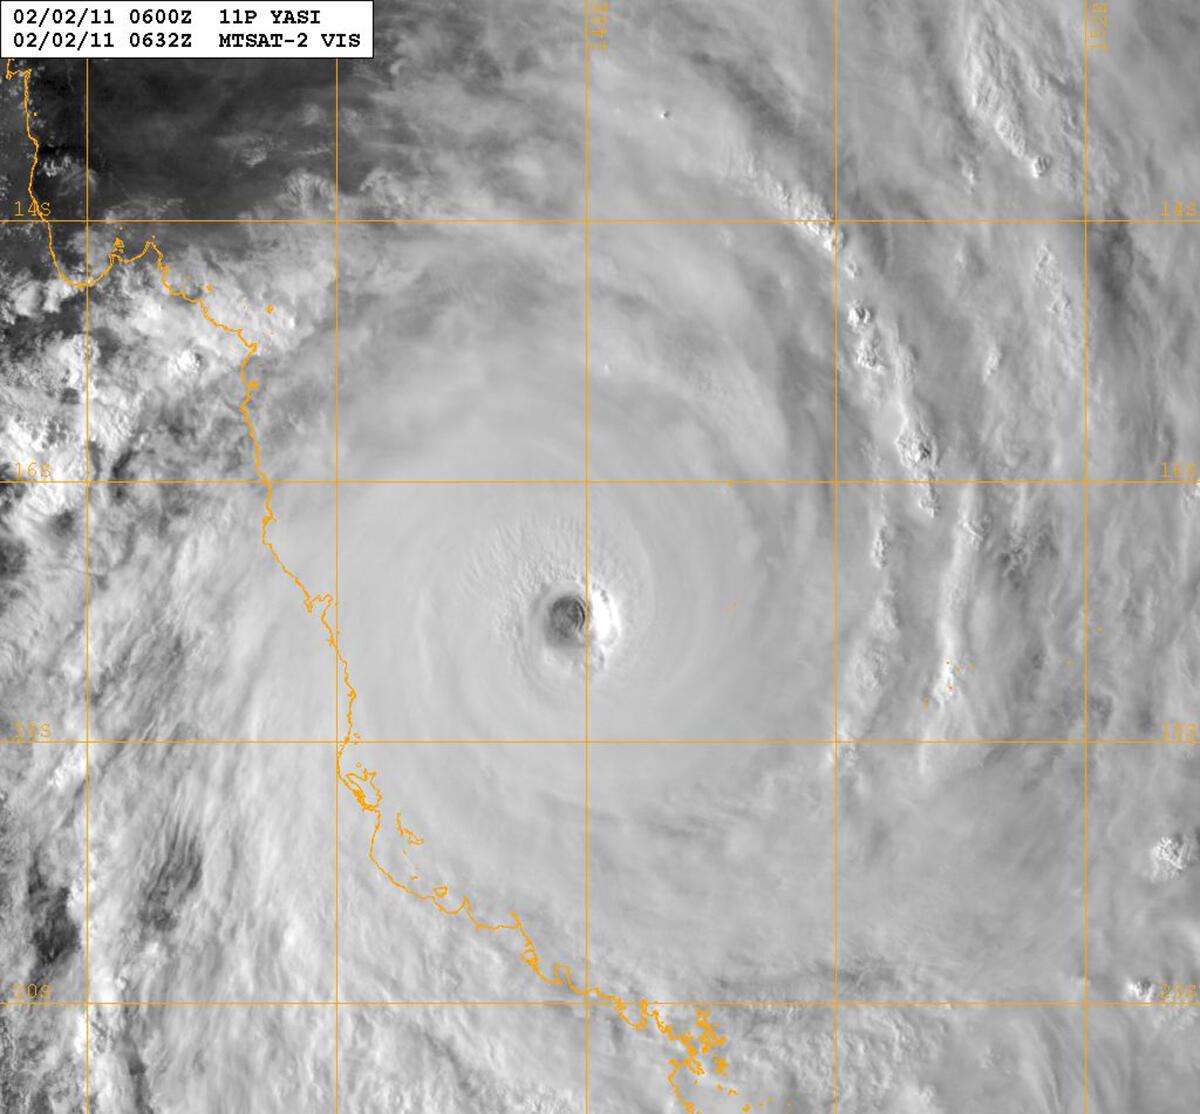 Imagem de satélite do furacão Yasi, que se aproxima da costa nordeste da Austrália.